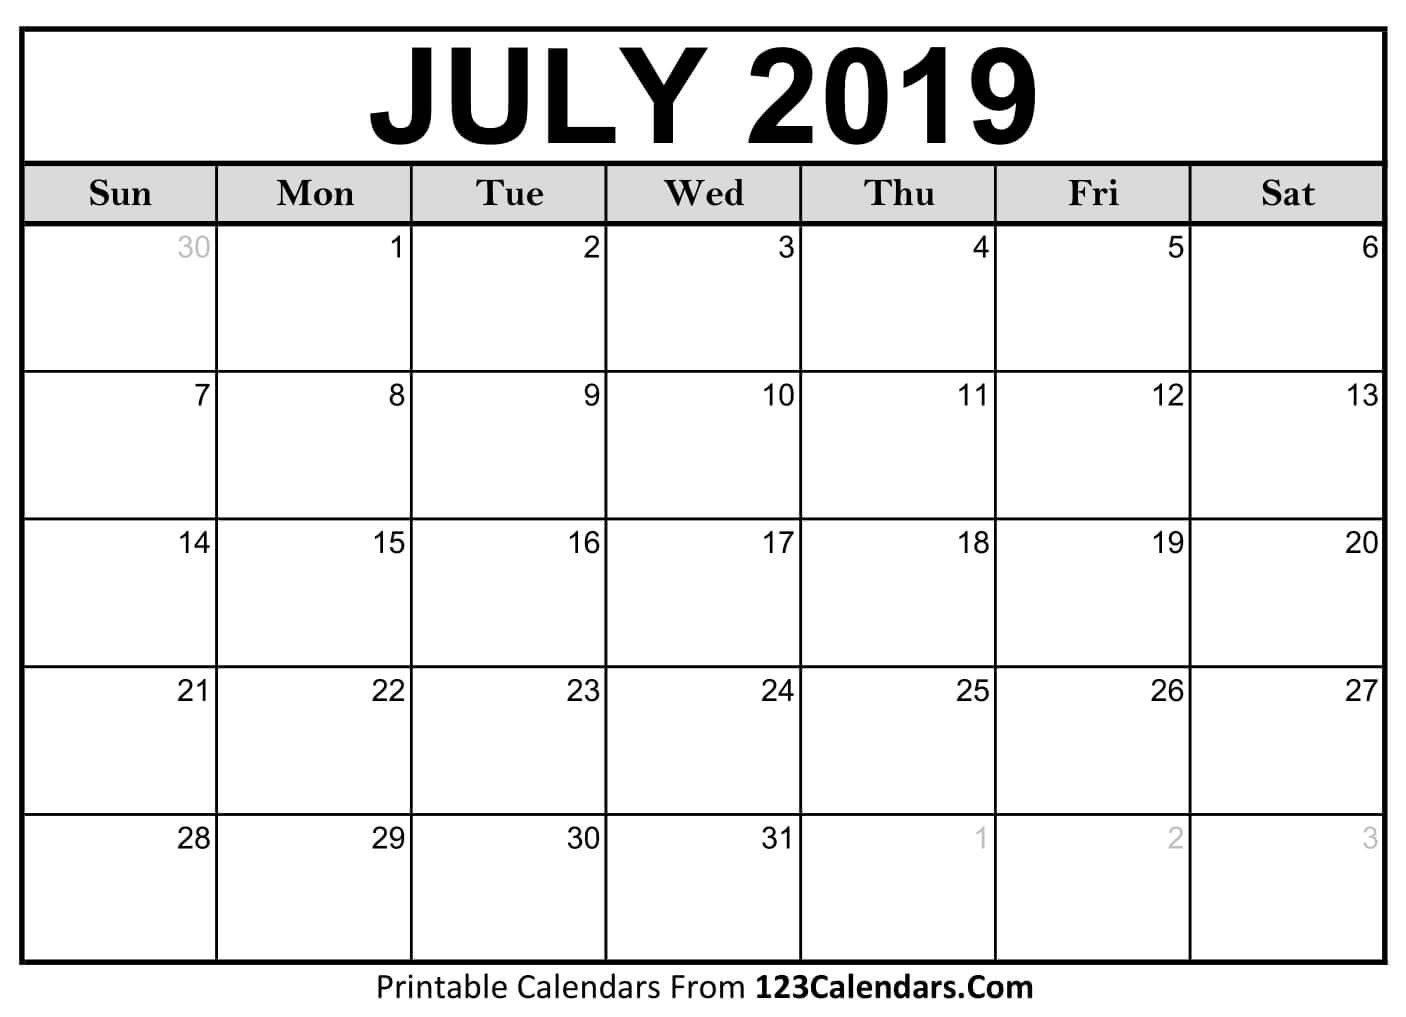 July 2019 Calendar | Otohondalongan July 1 2019 Calendar